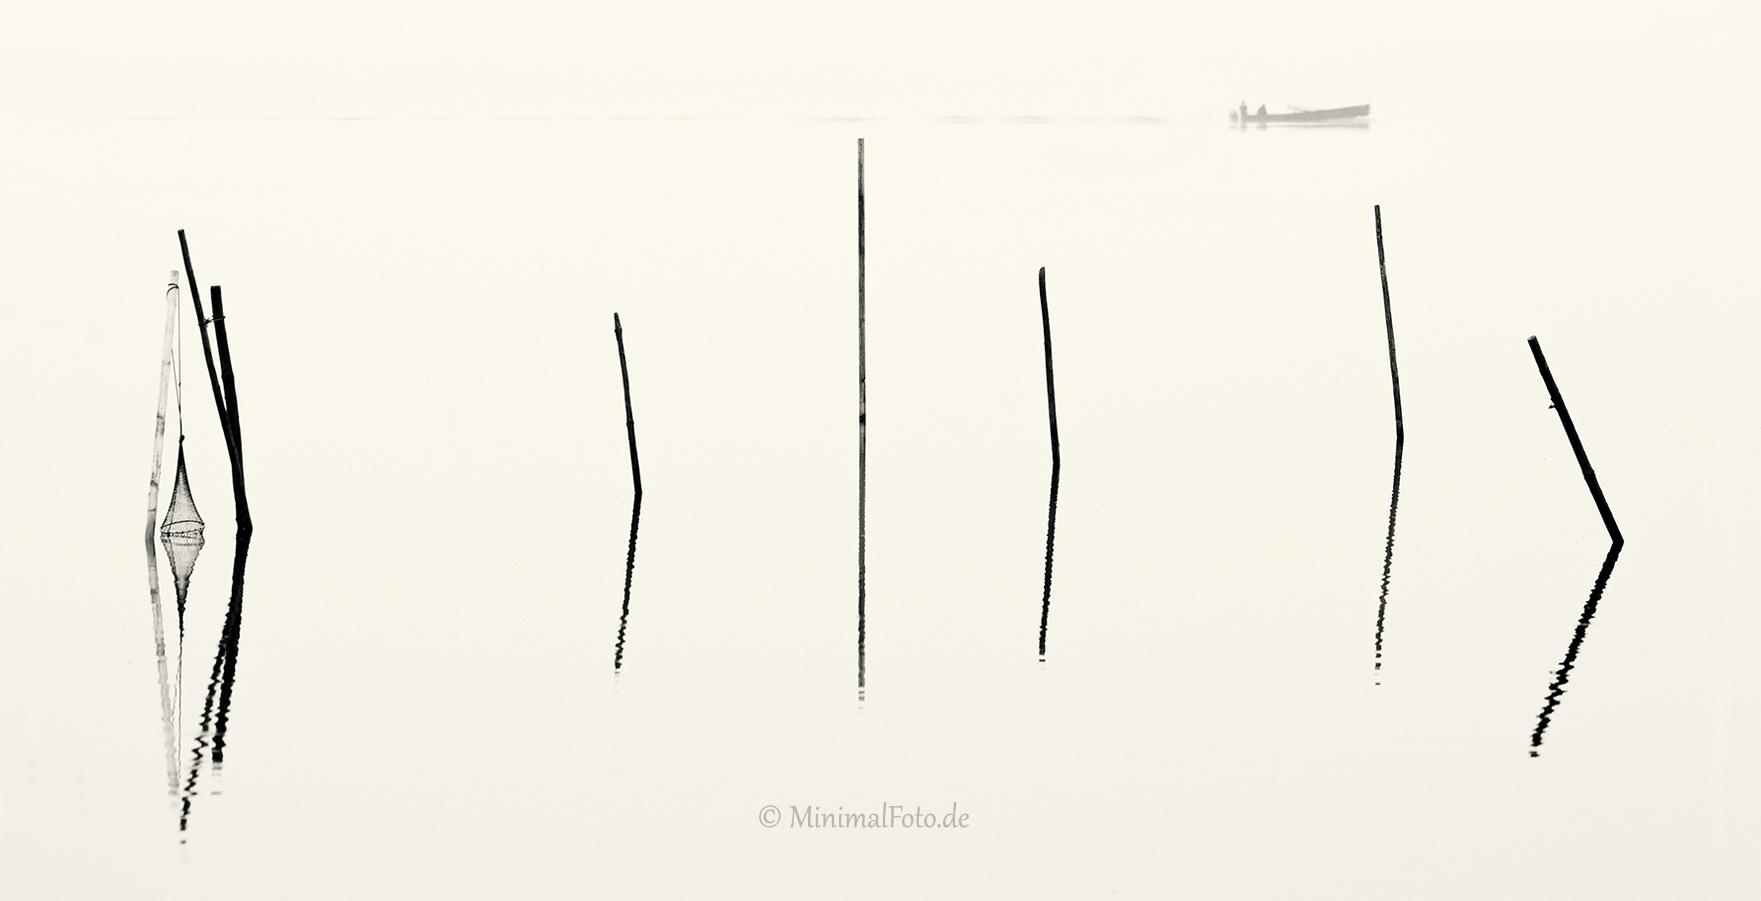 wasser-Fisch-Reuse-Silhouette-black-white-schwarz-weiss-silhouette-minimalismus-minimalistisch-minimalistic-fish-trap-Stangen-pole-waterA_NIK500_0912sw